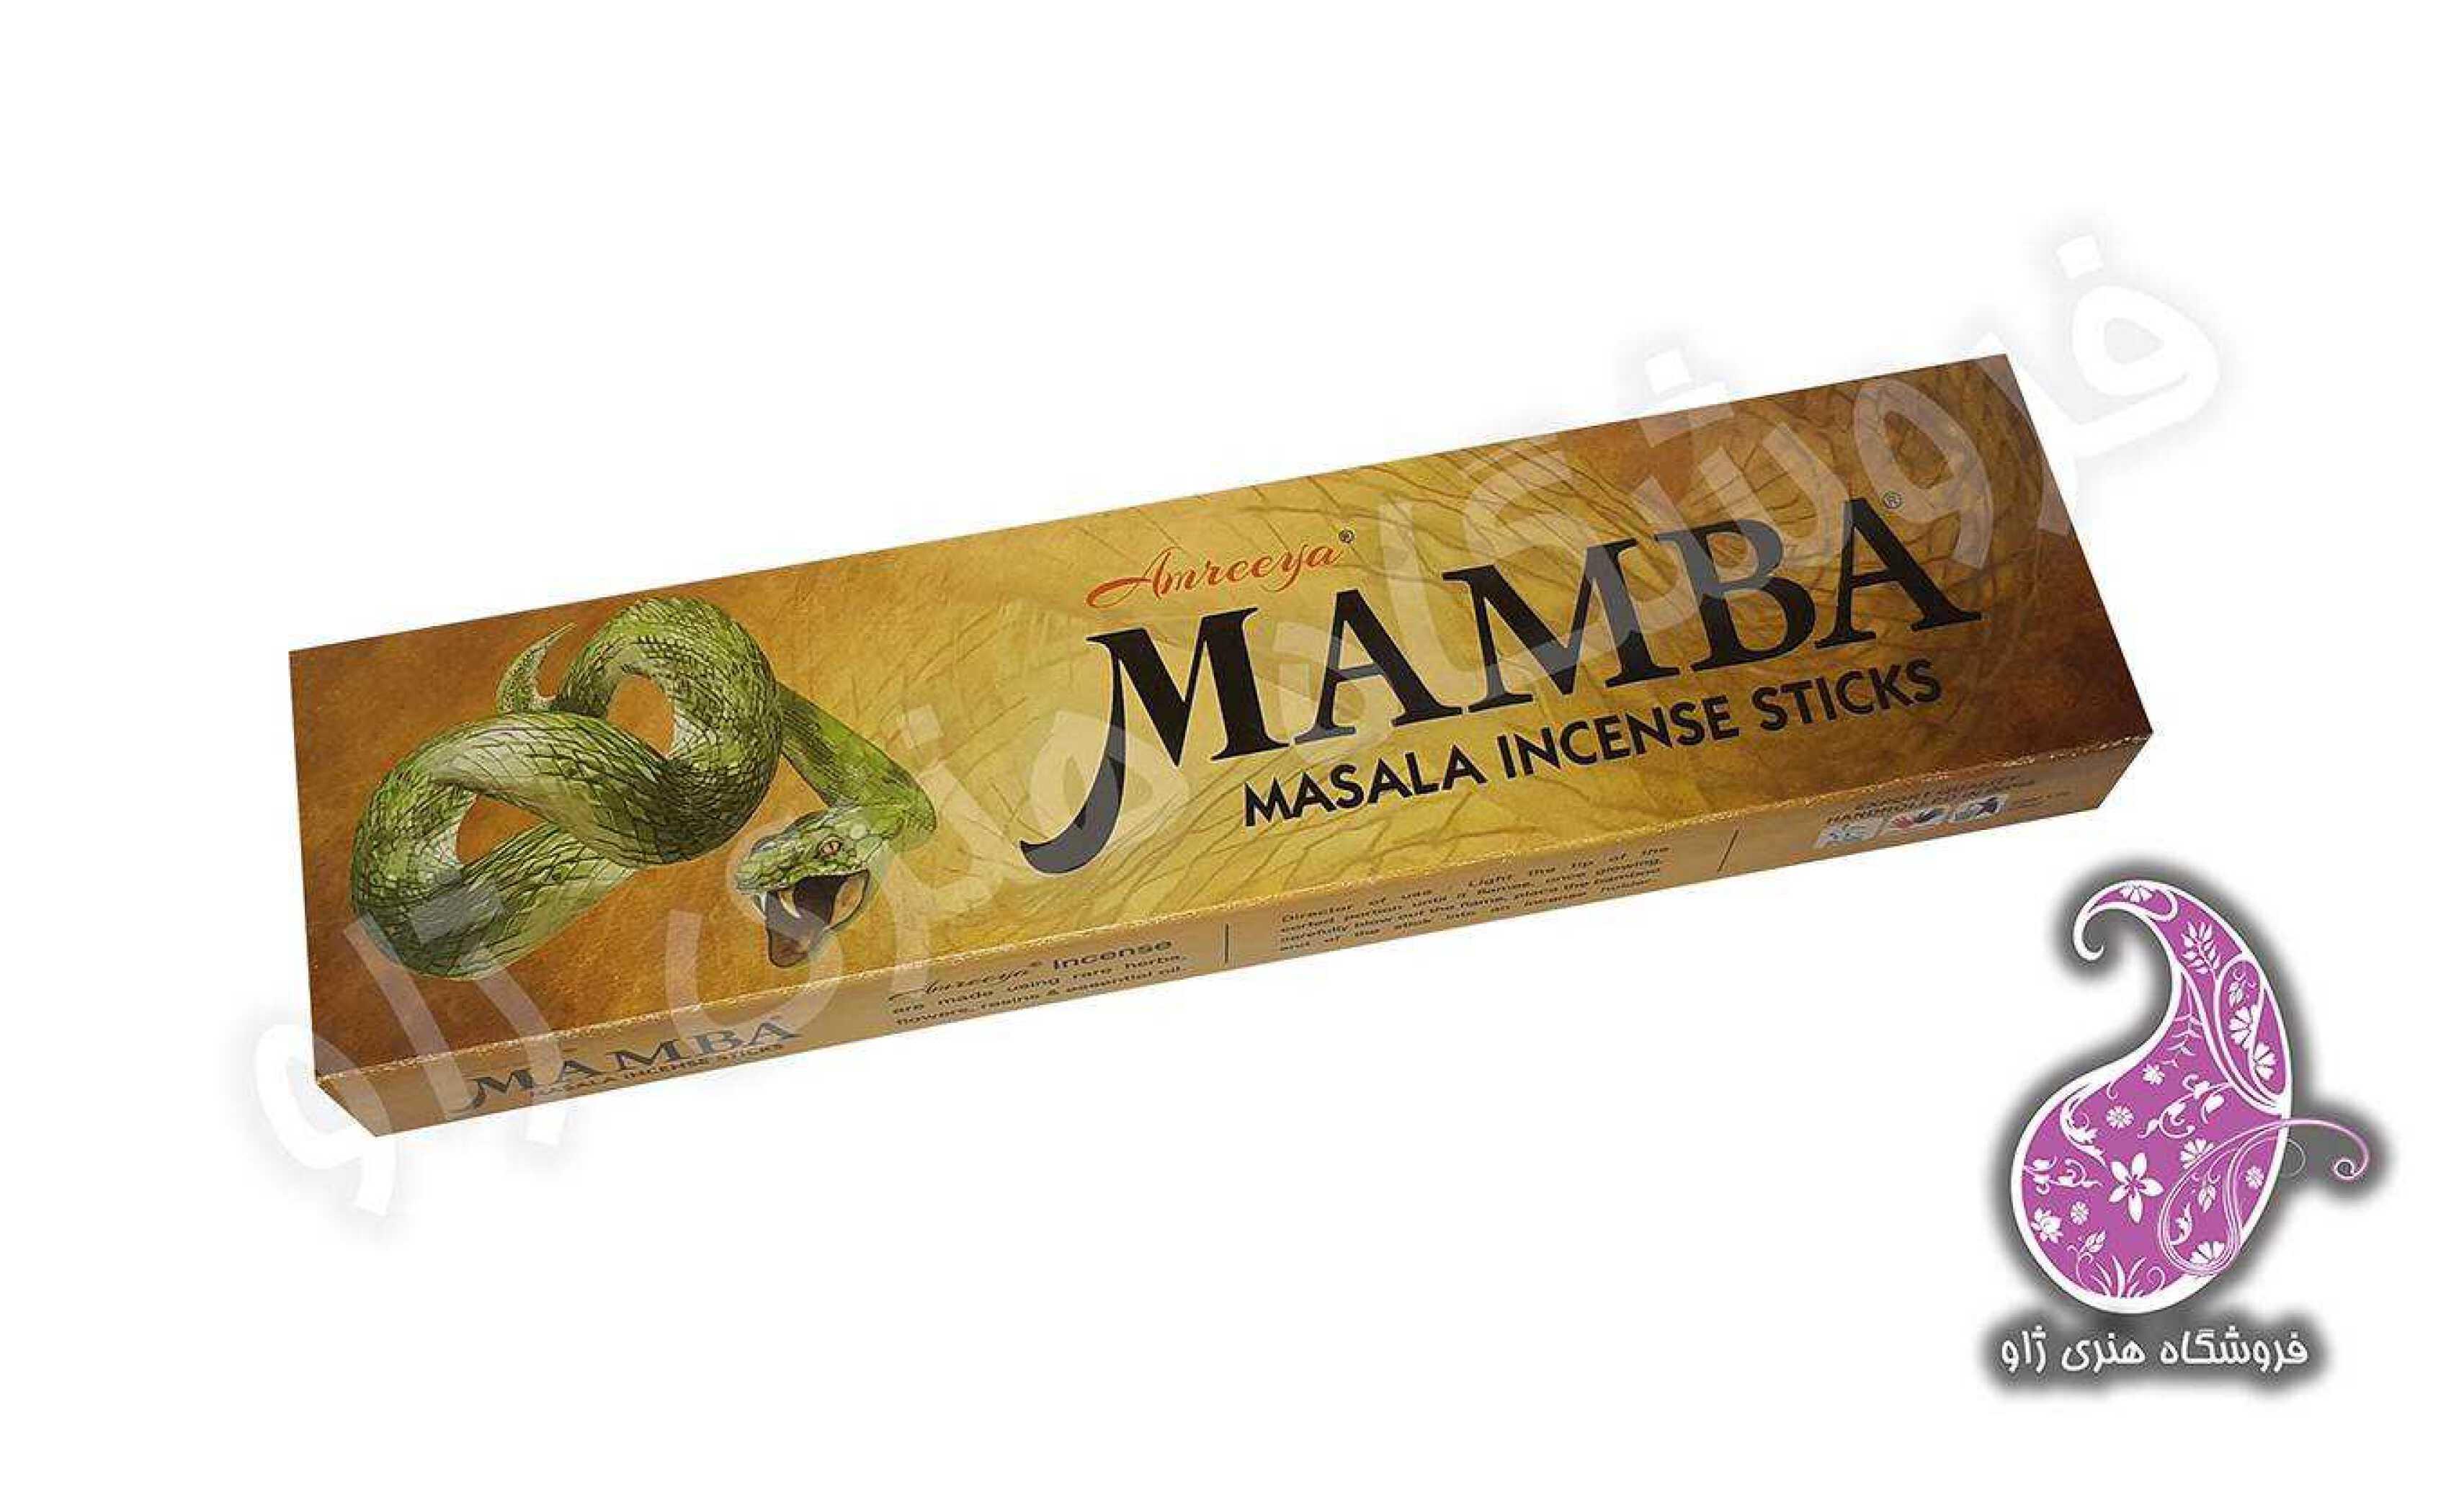 عود دستساز مامبا mamba